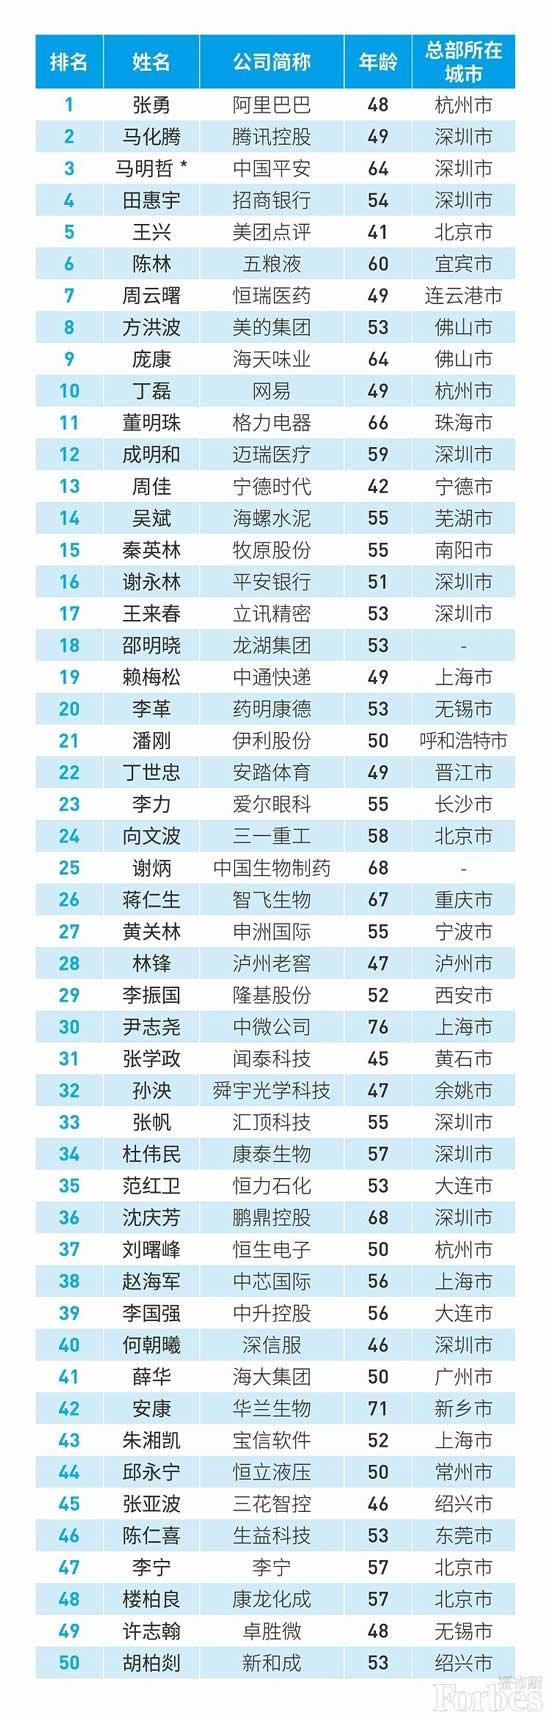 中国CEO完整榜单.jpg